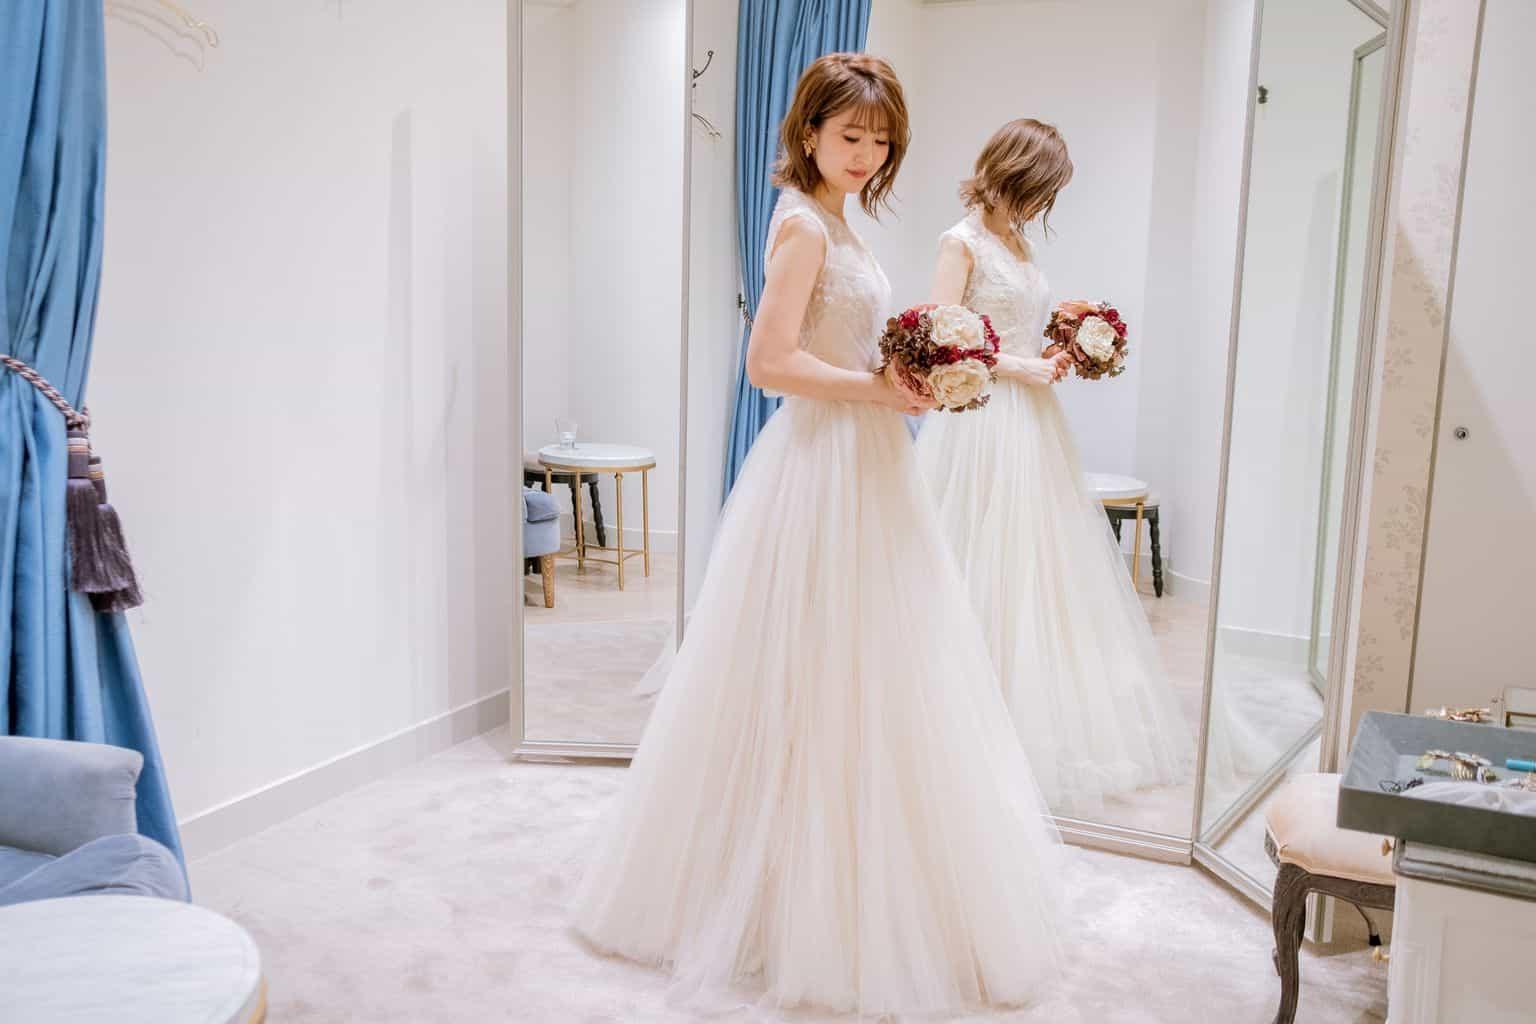 853404add2e86 式場側が用意したプランや提携に含まれているドレスだと好みのものが全然なく妥協してドレスを決める花嫁さんもいらっしゃいます。